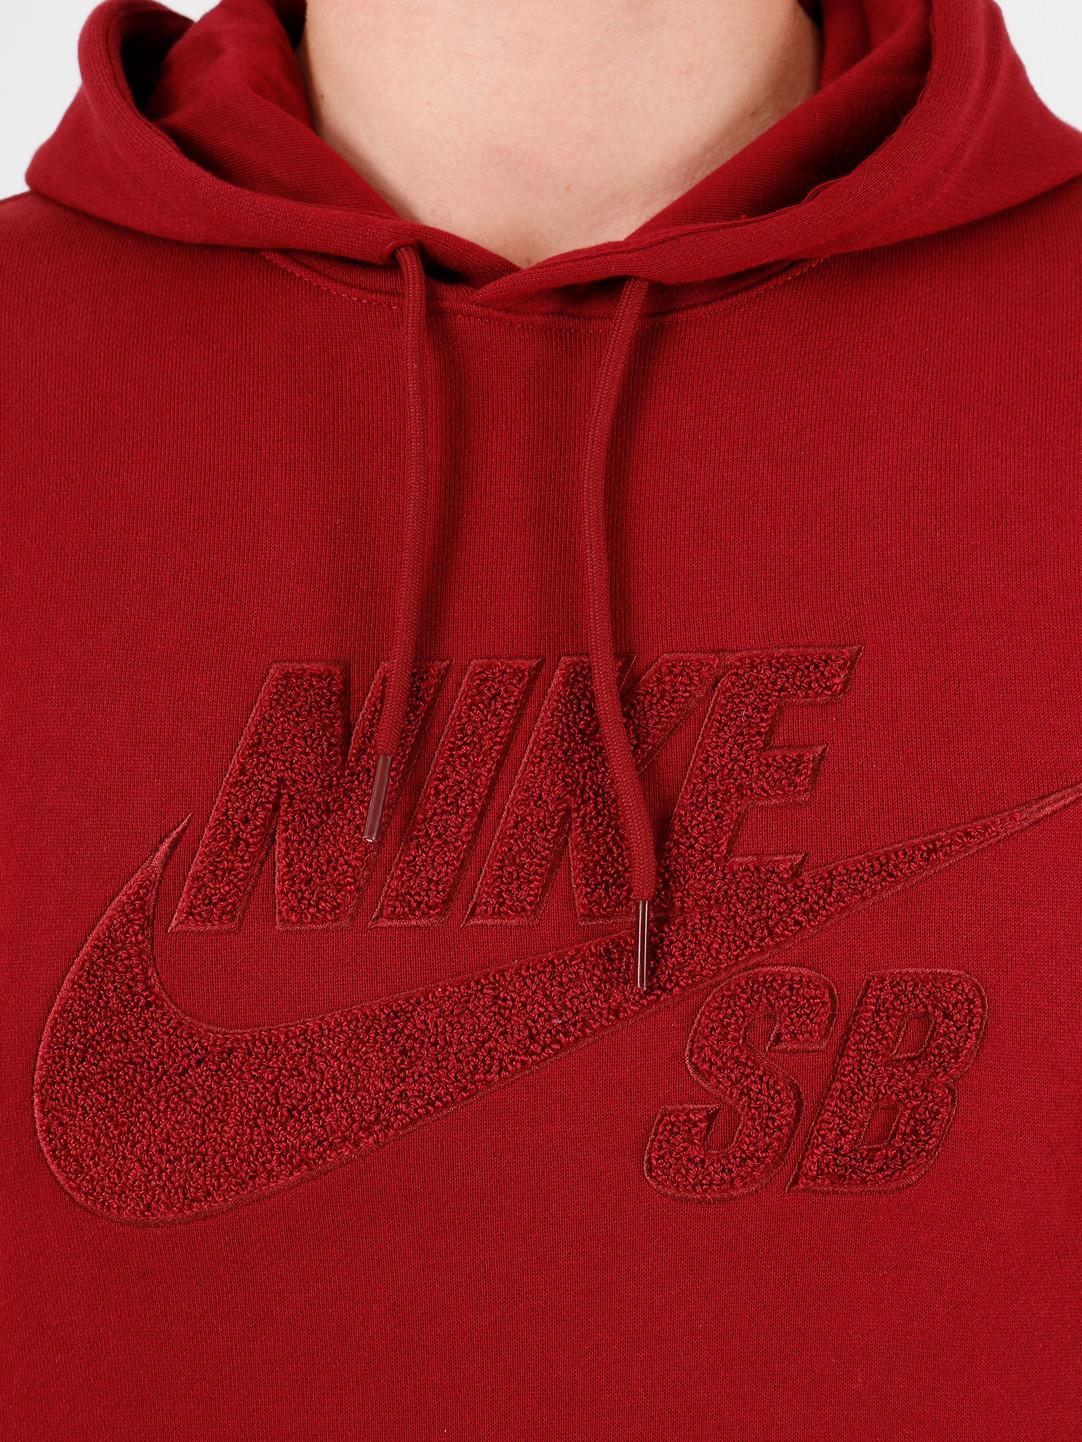 Nike Nike SB Seasonal Po Hoodie Team Red Team Red Team Red AT3414-677